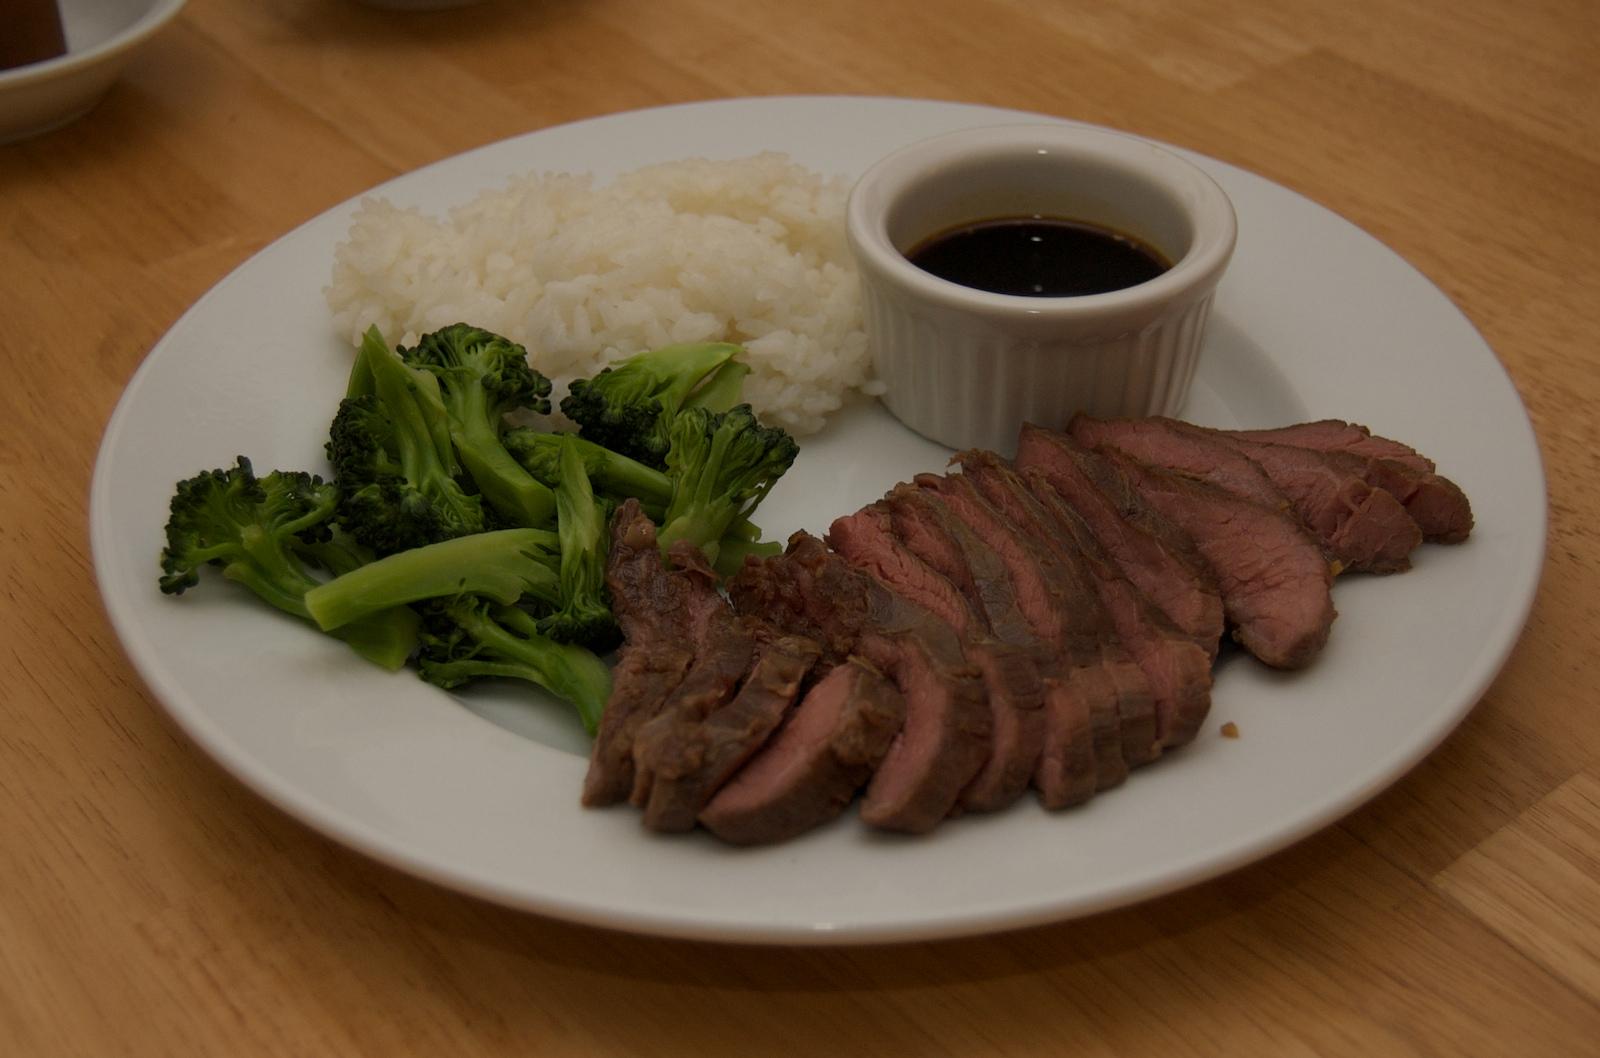 http://blog.rickk.com/food/2010/03/07/flank1.jpg